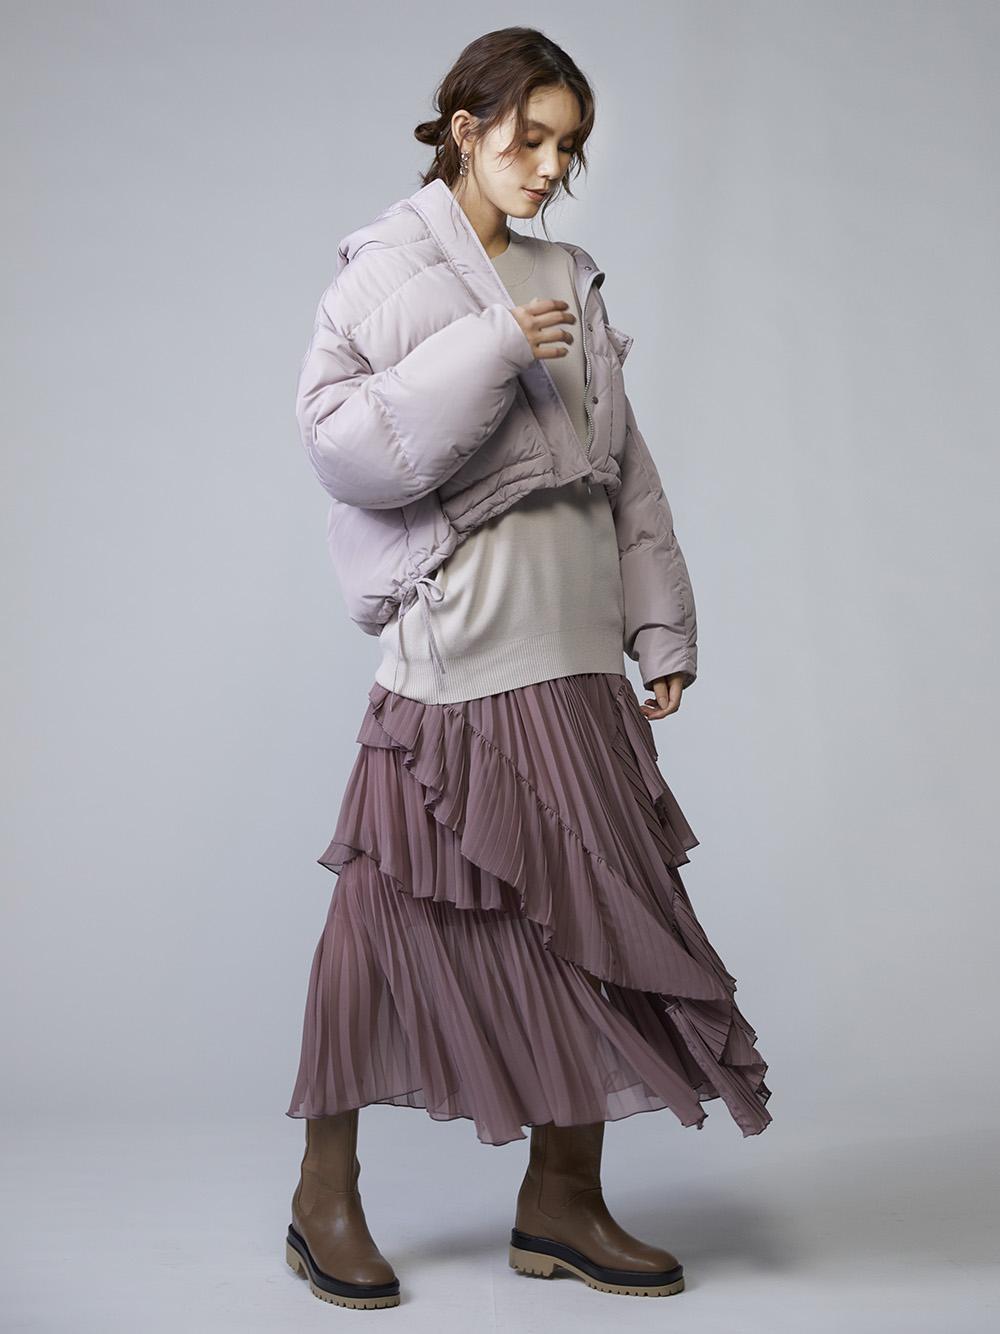 シアーボリュームプリーツスカート(PNK-0)